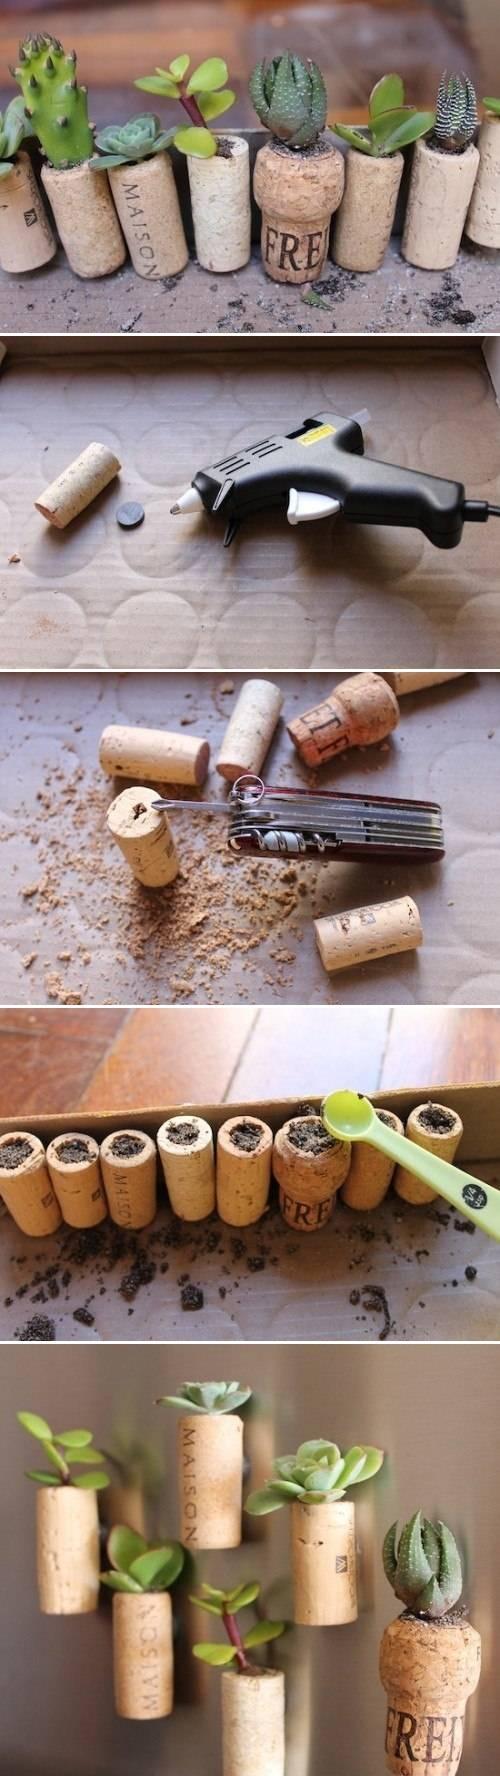 DIY-Wine-Cork-Garden.jpg